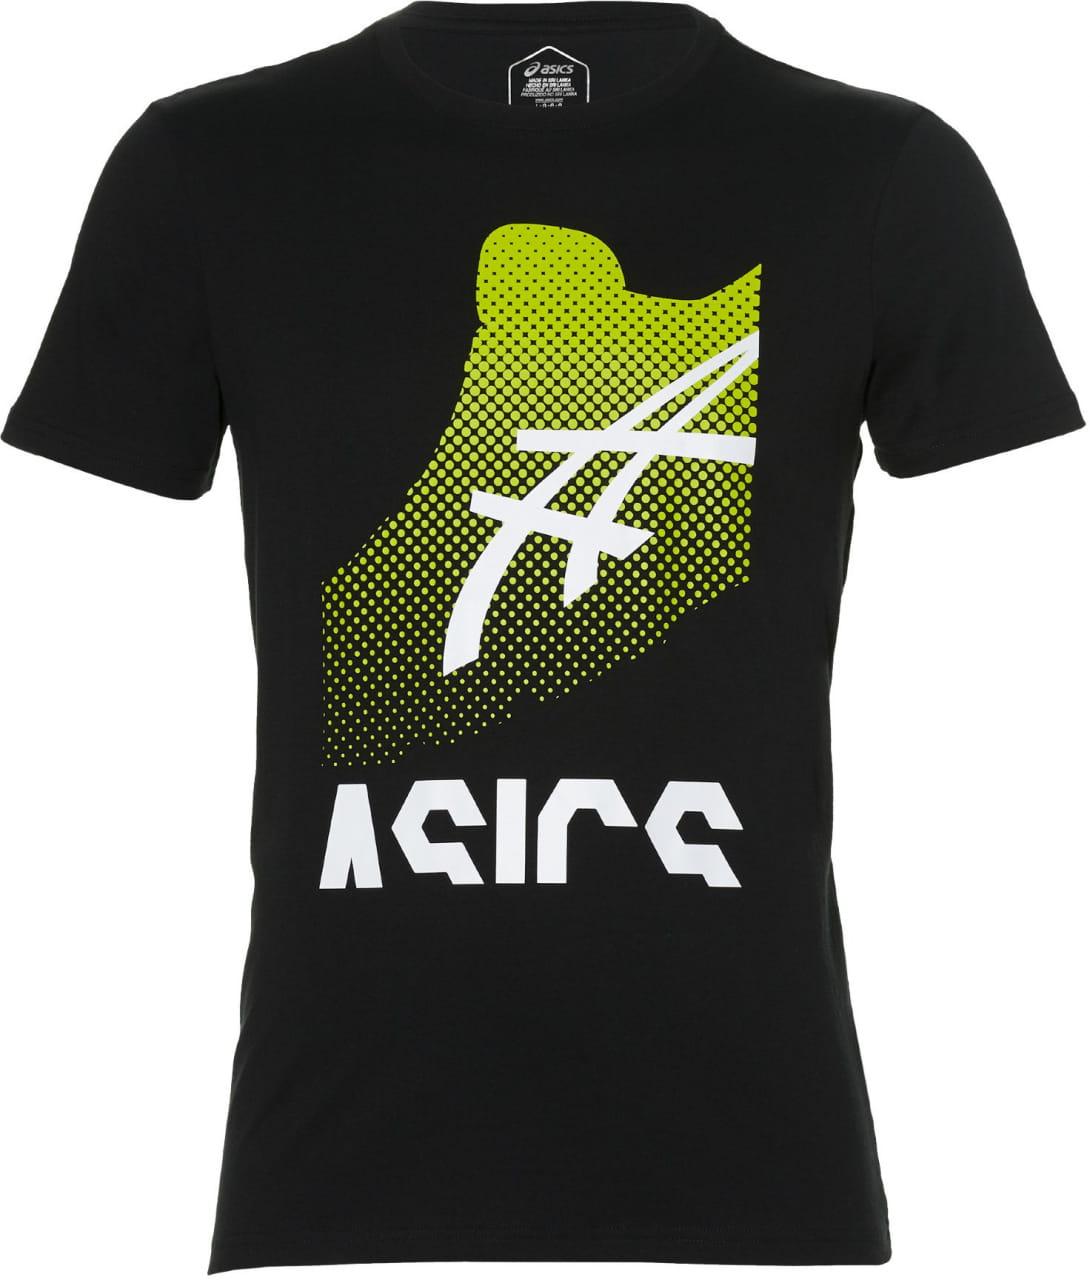 Pánské sportovní tričko Asics Gpx Kayano Tee